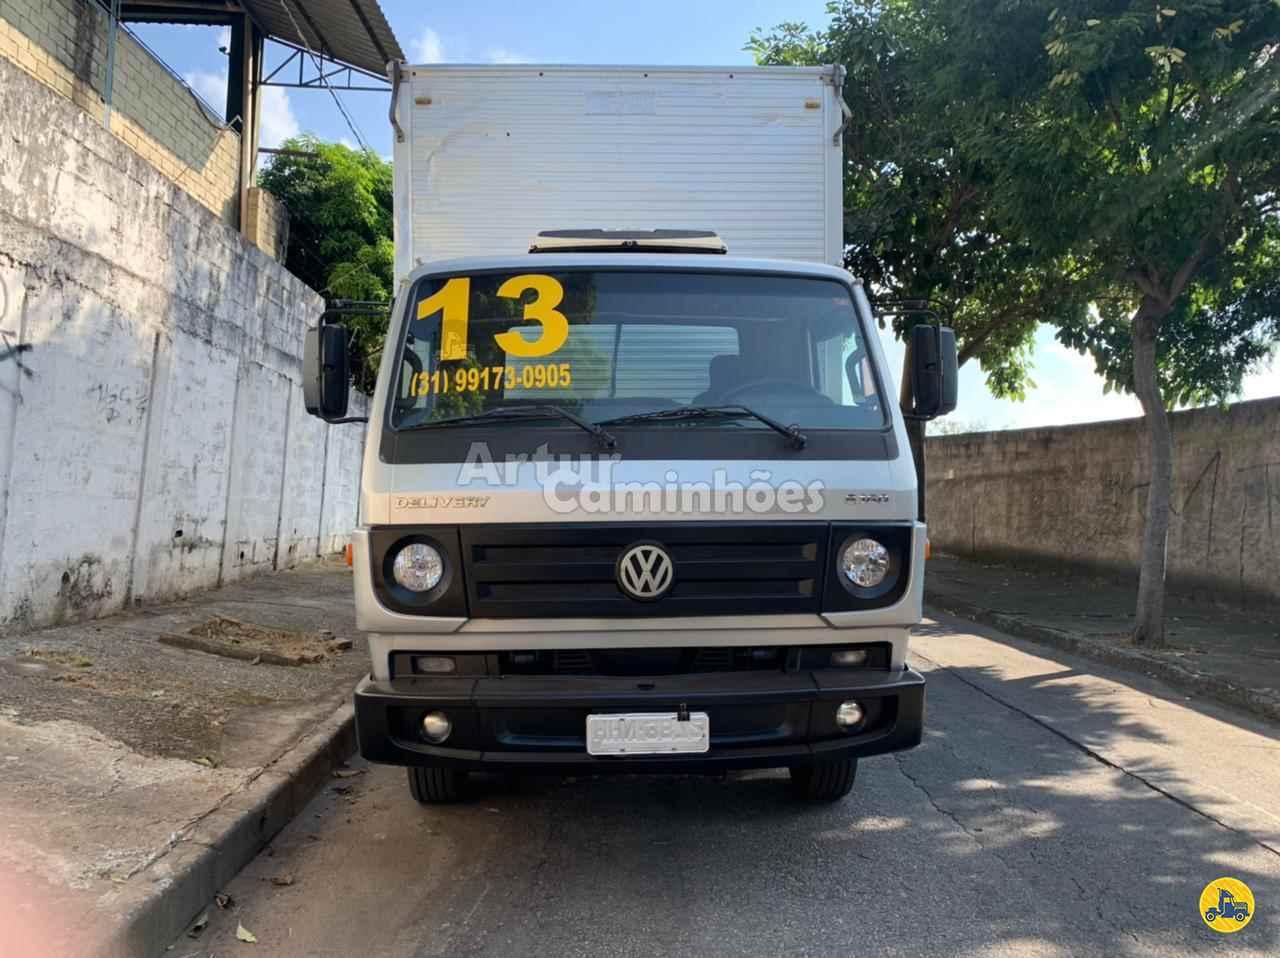 CAMINHAO VOLKSWAGEN VW 8160 Baú Furgão 3/4 4x2 Artur Caminhões DIVINOPOLIS MINAS GERAIS MG